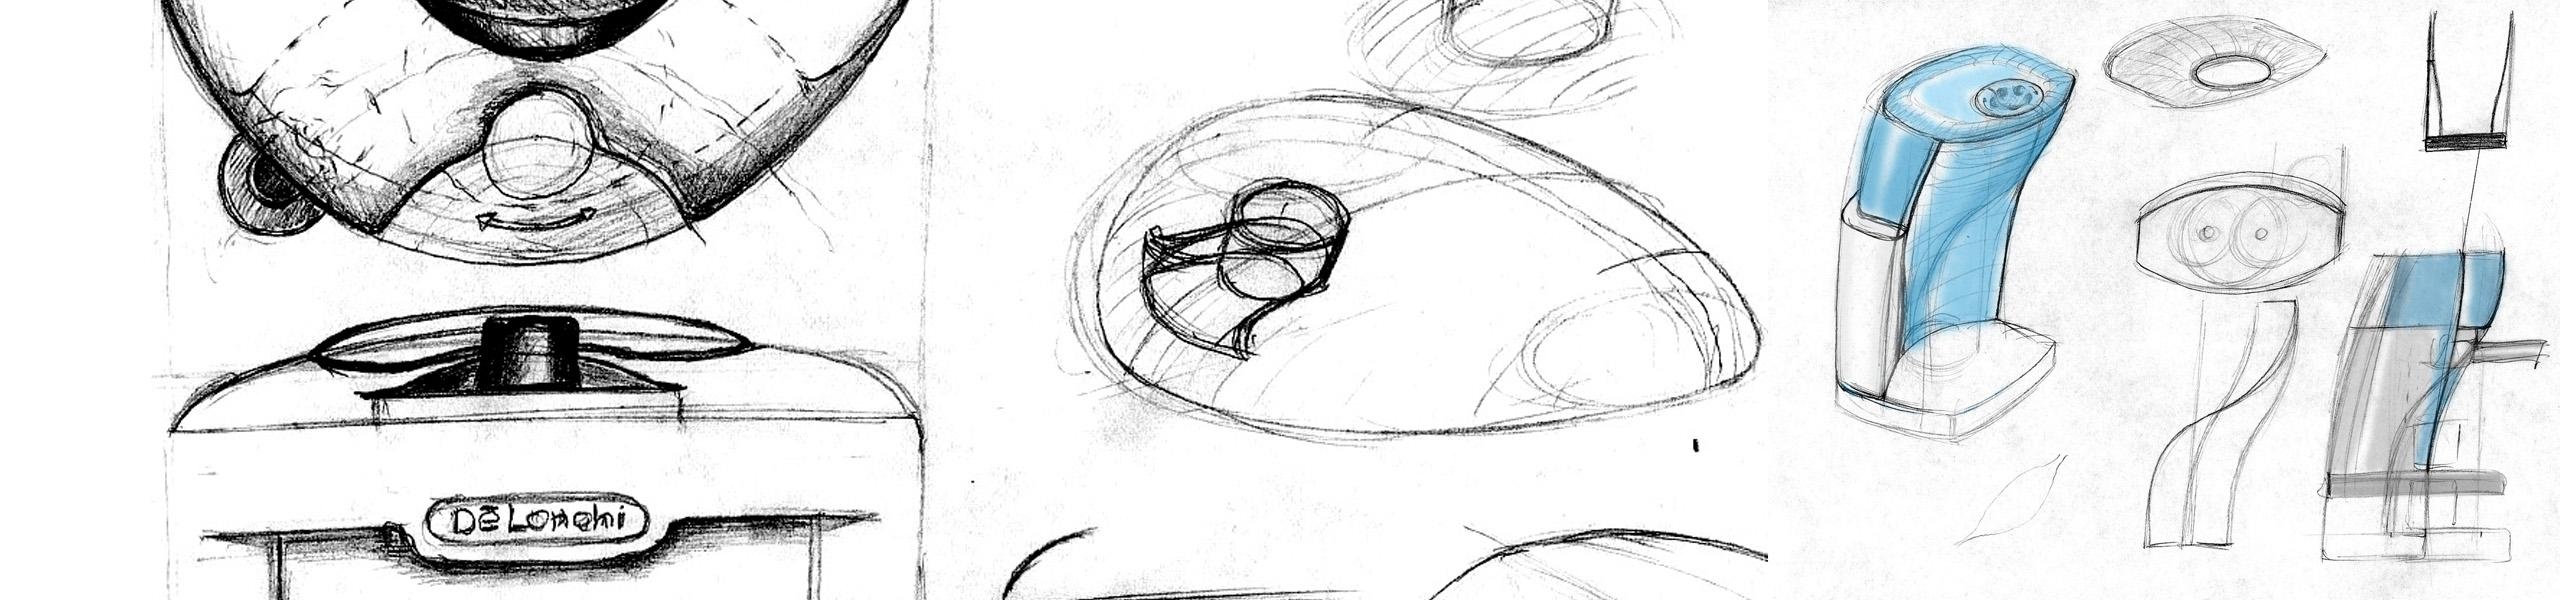 Prototype sketches